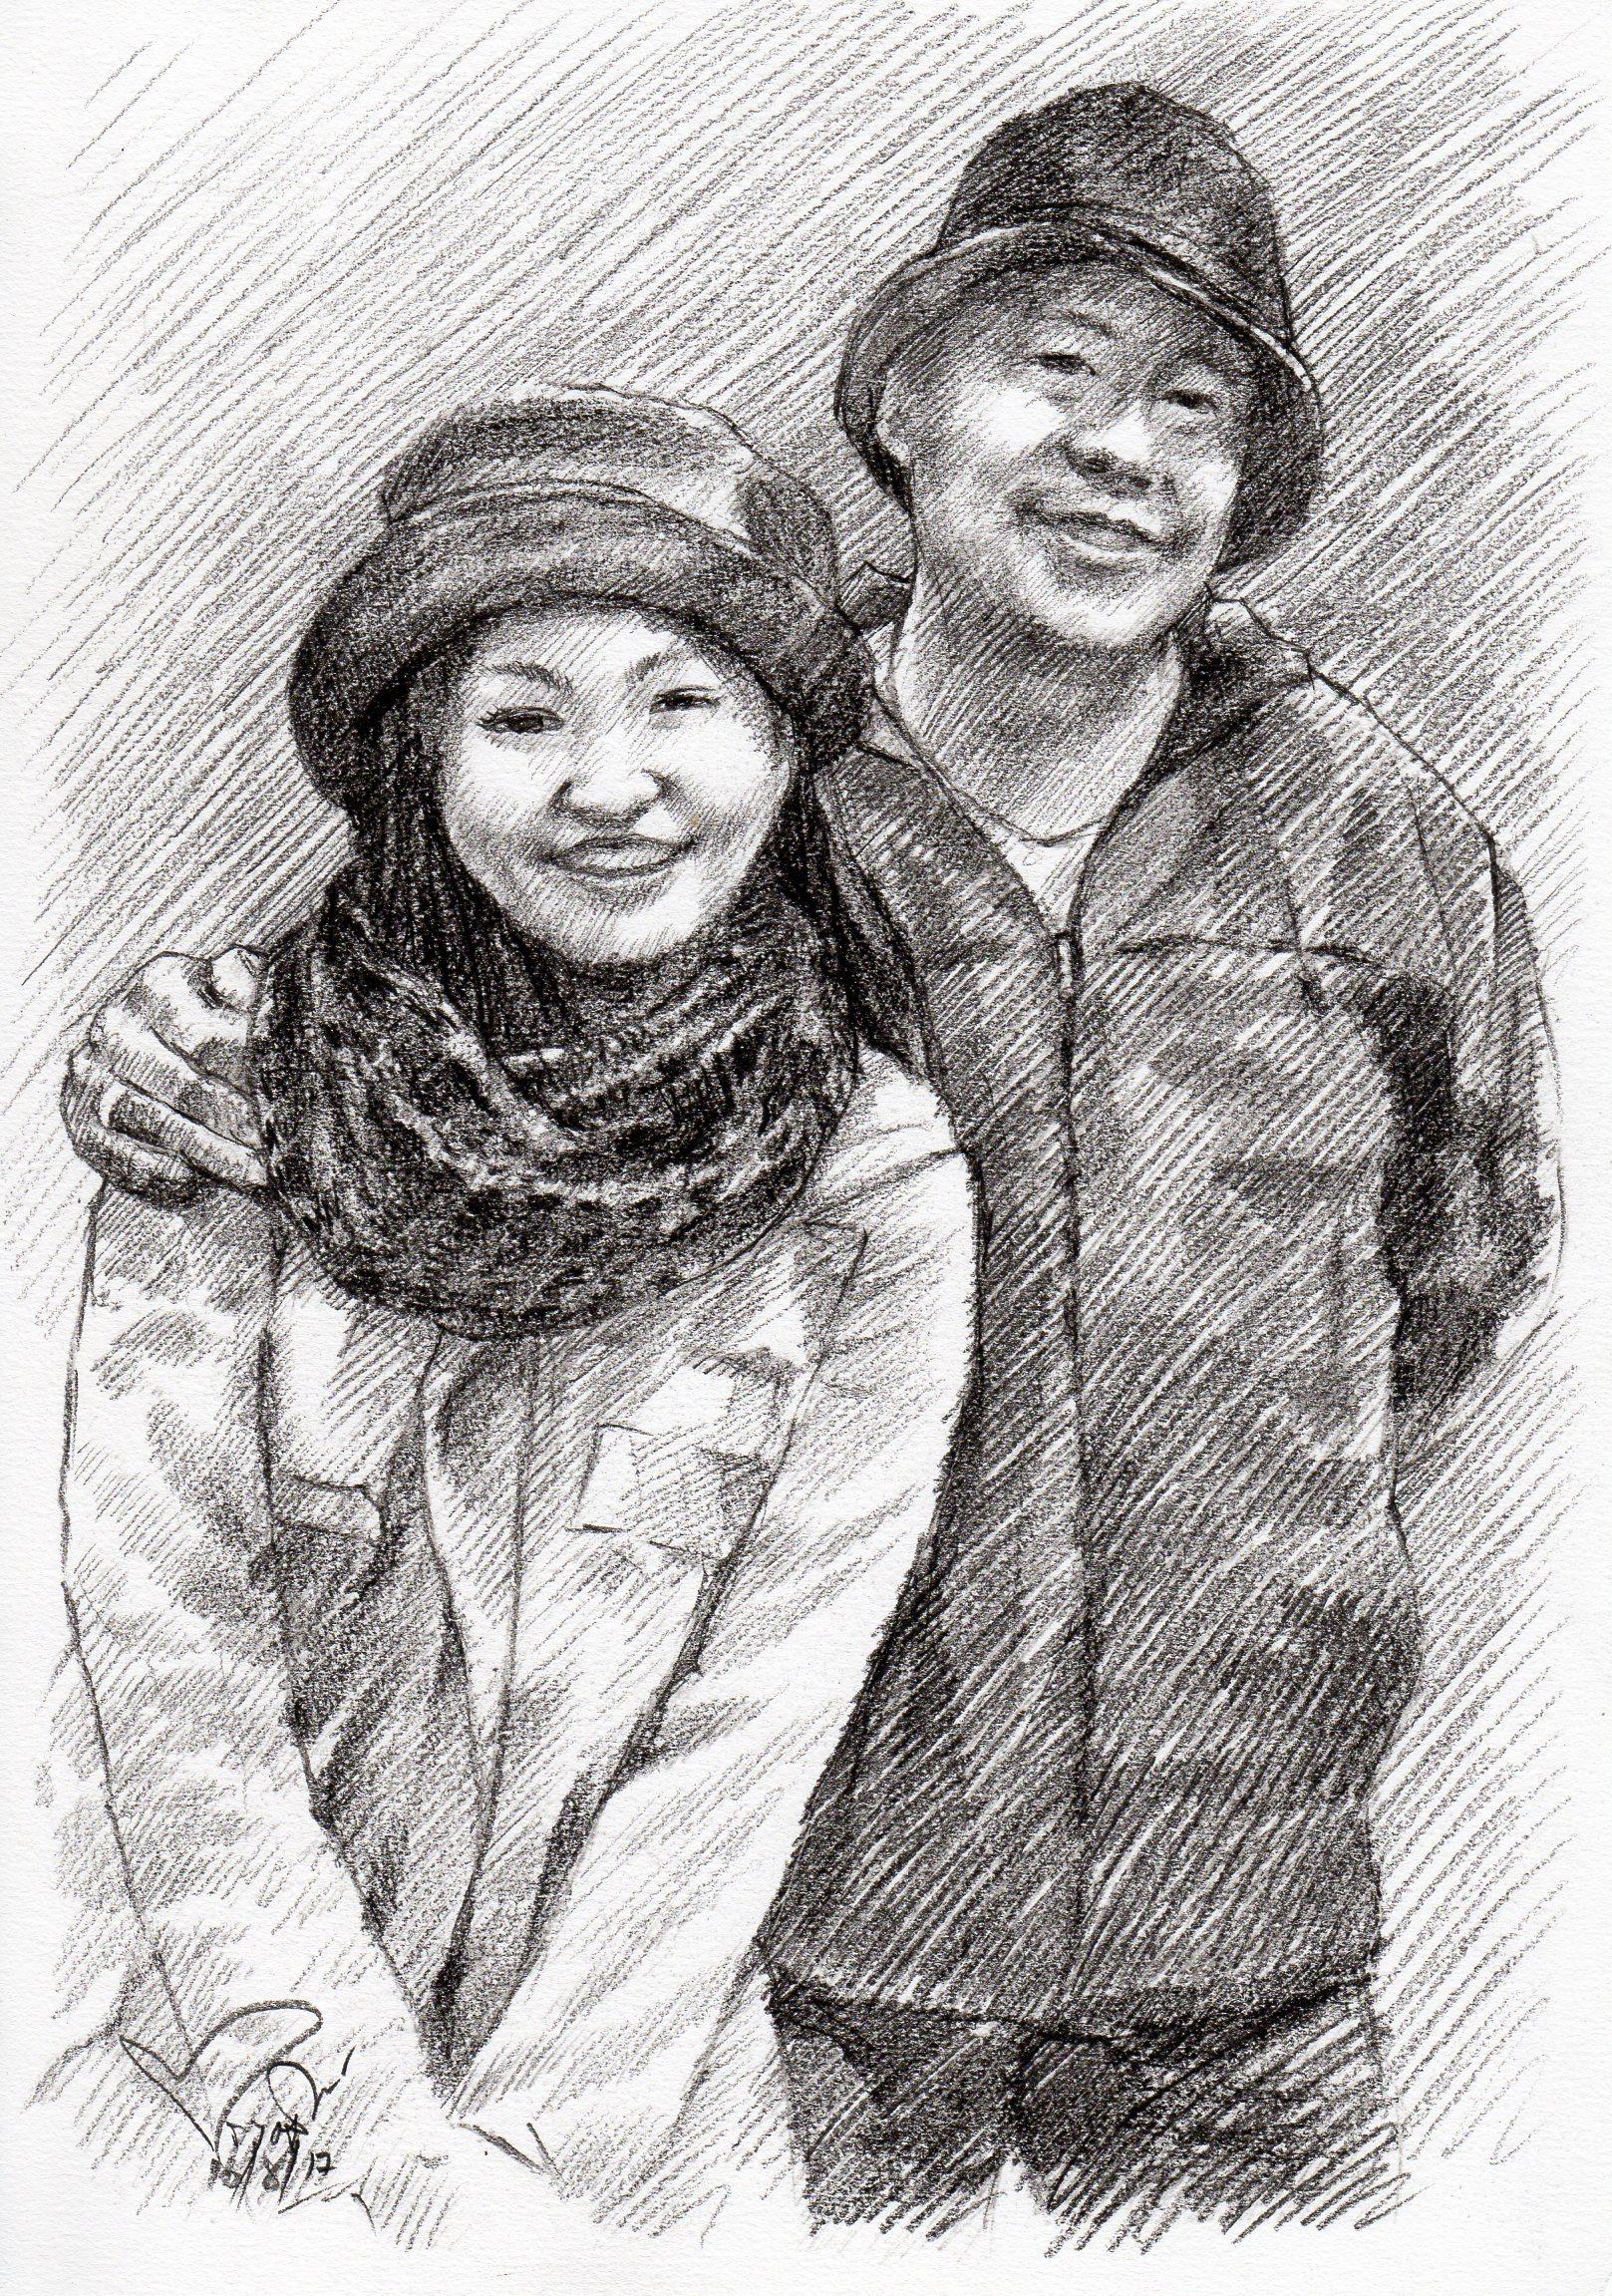 ภาพวาดลายเส้นดินสอ ภาพเหมือน ภาพคู่ วาดภาพเหมือนคู่รัก